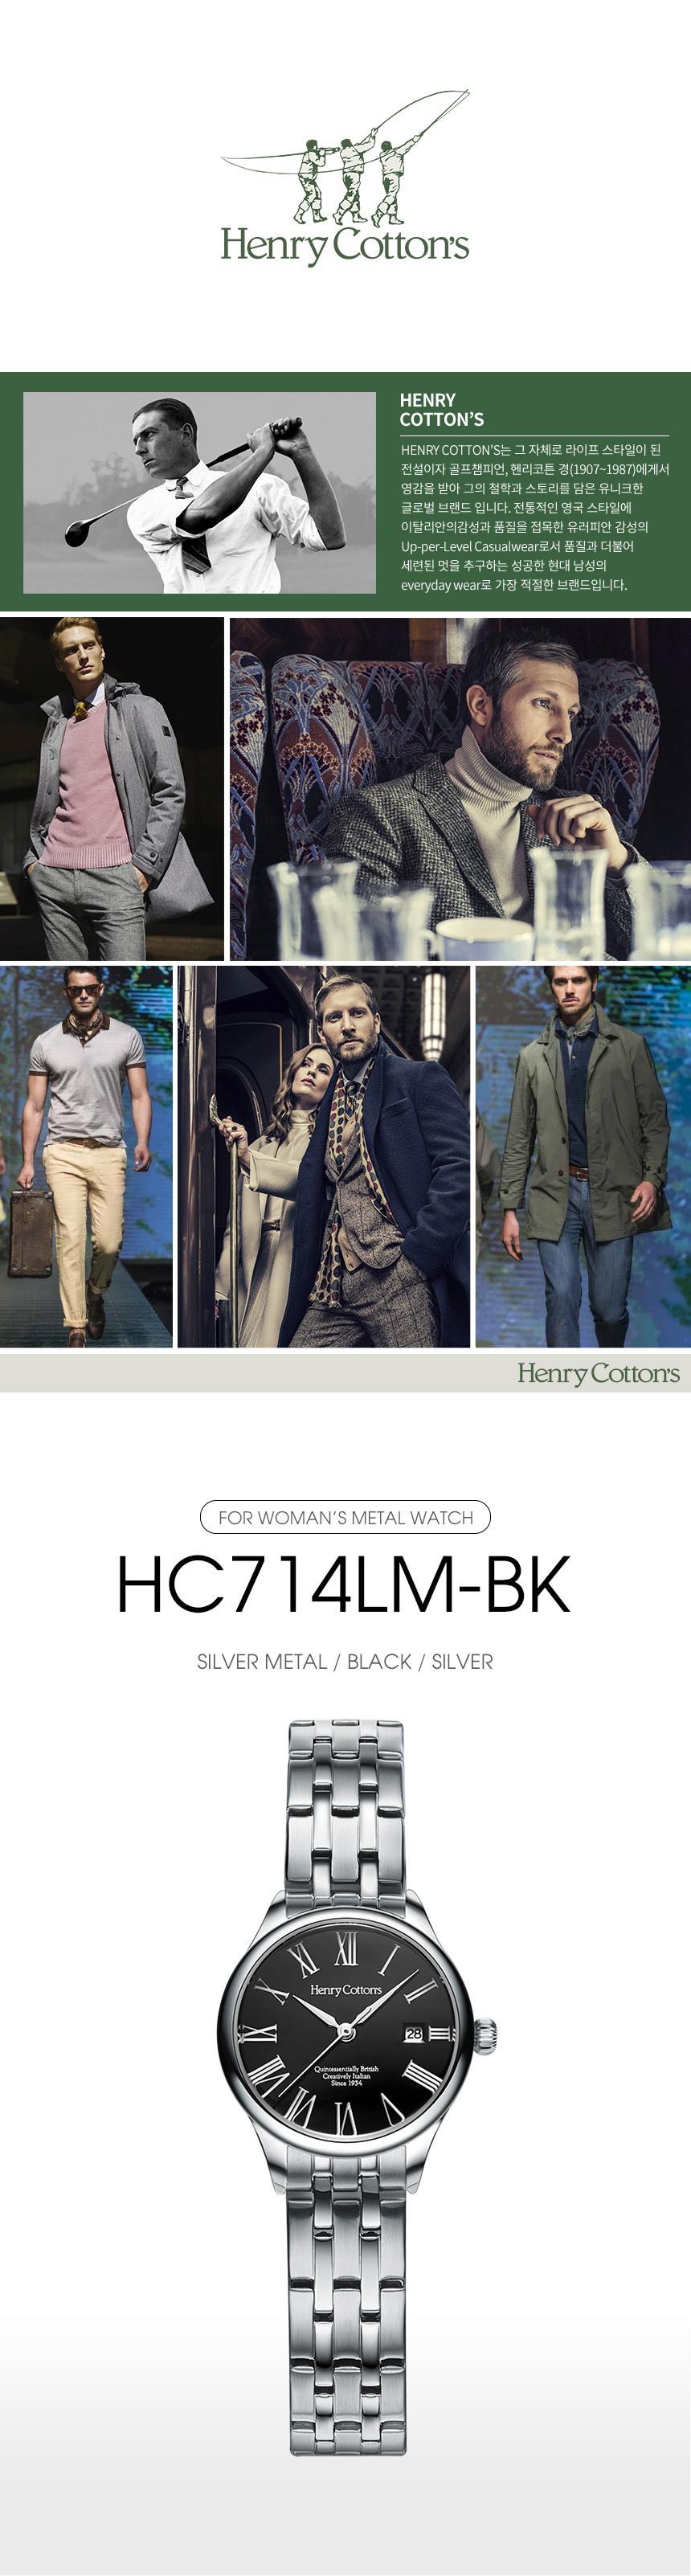 헨리코튼(HENRY COTTON'S) 여성 클래식 메탈시계 HC714LM-BK